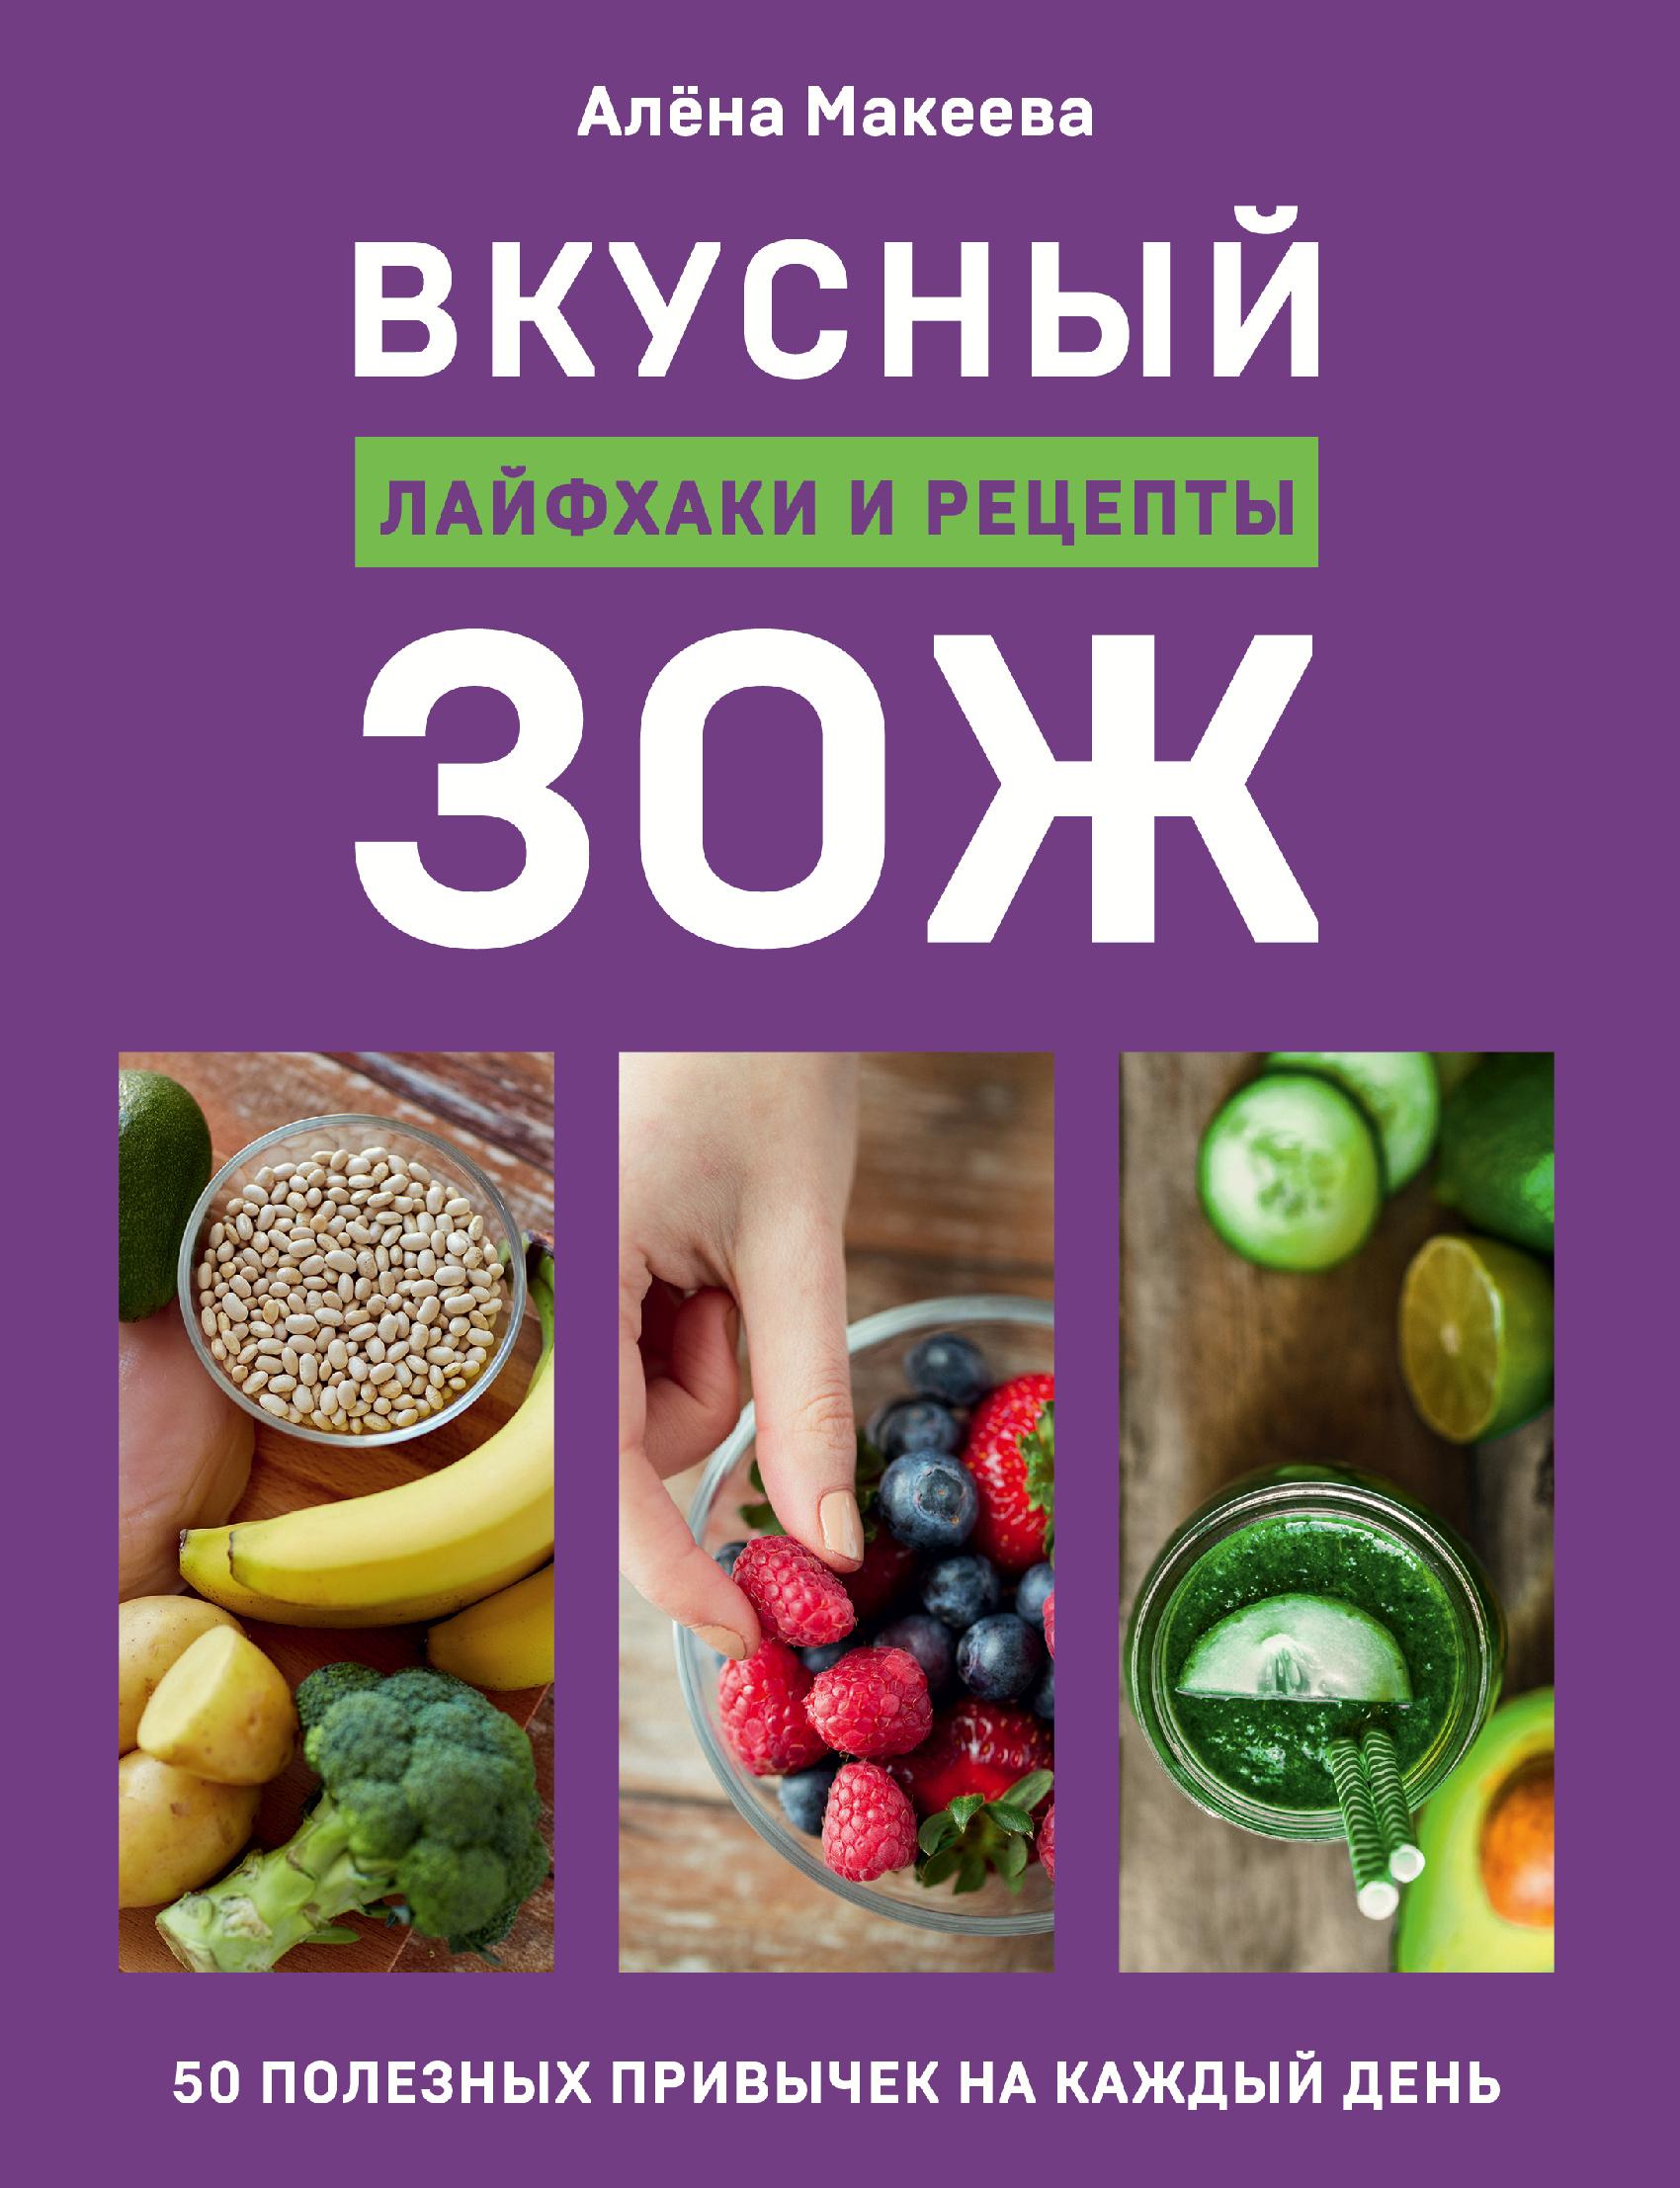 Алёна Макеева Вкусный ЗОЖ. 50 полезных привычек на каждый день. Лайфхаки и рецепты автор не указан увещание охладевшим и отступникам